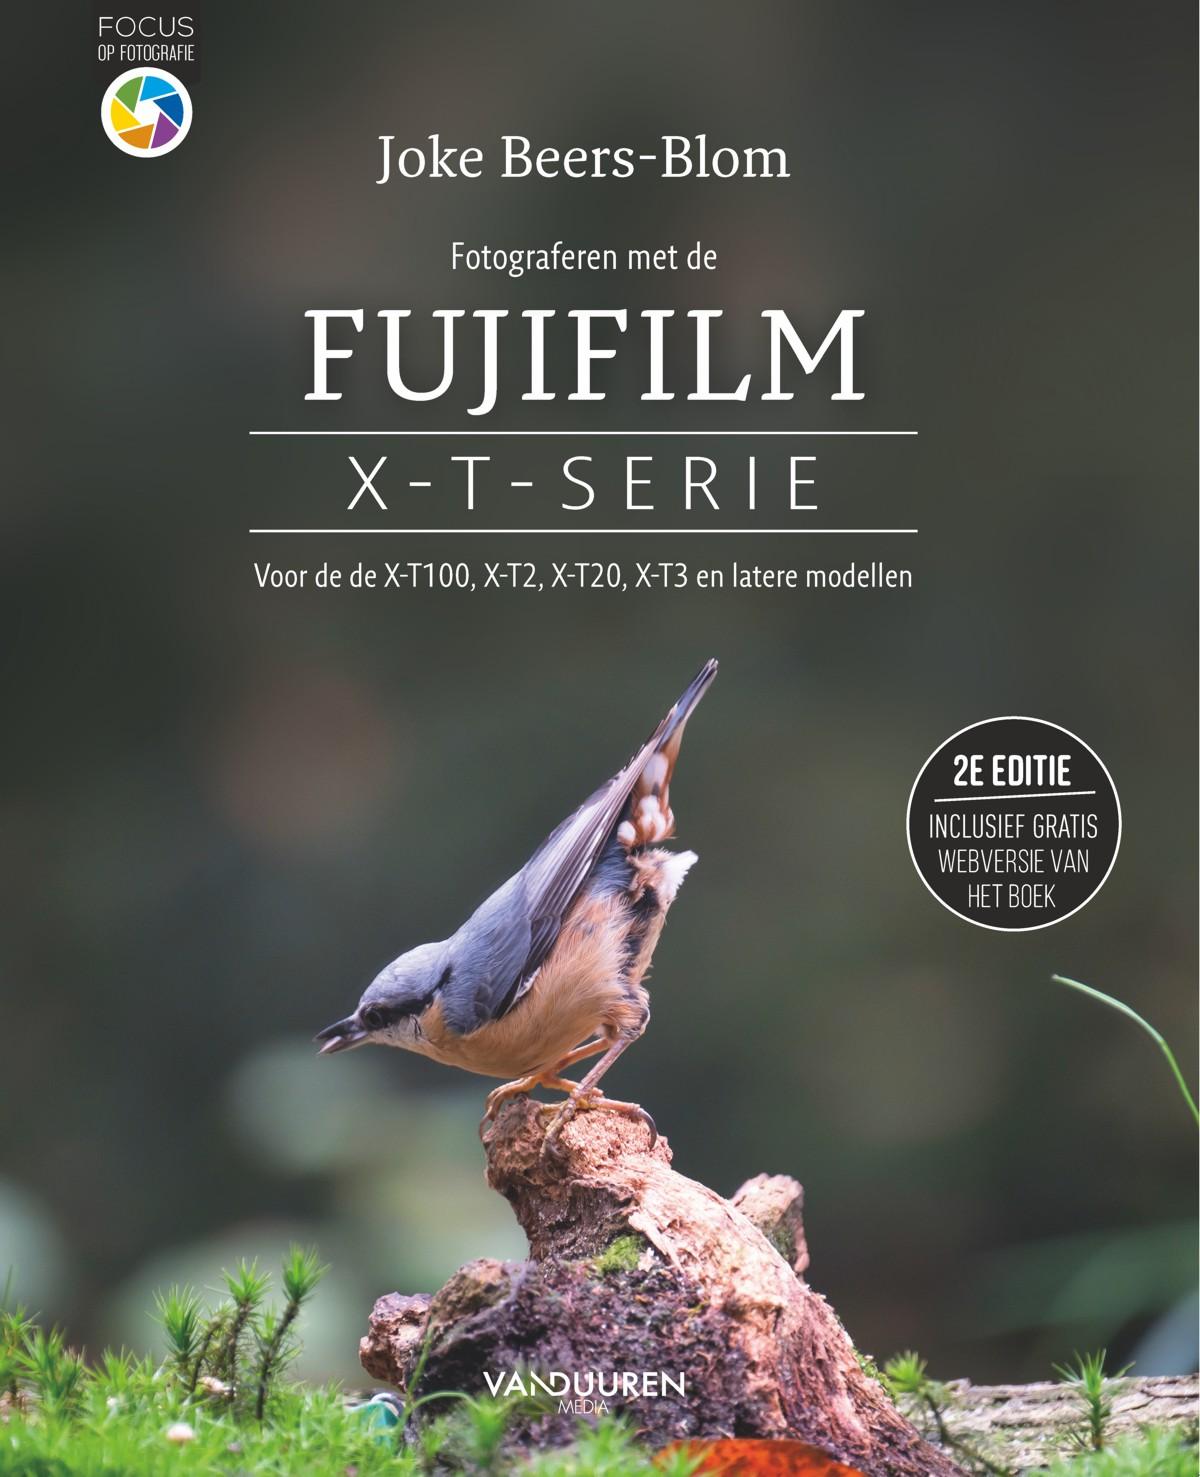 Fotograferen met de Fujifilm X-T-serie, 2e editie - Joke beers-Blom, isbn 9789463560931